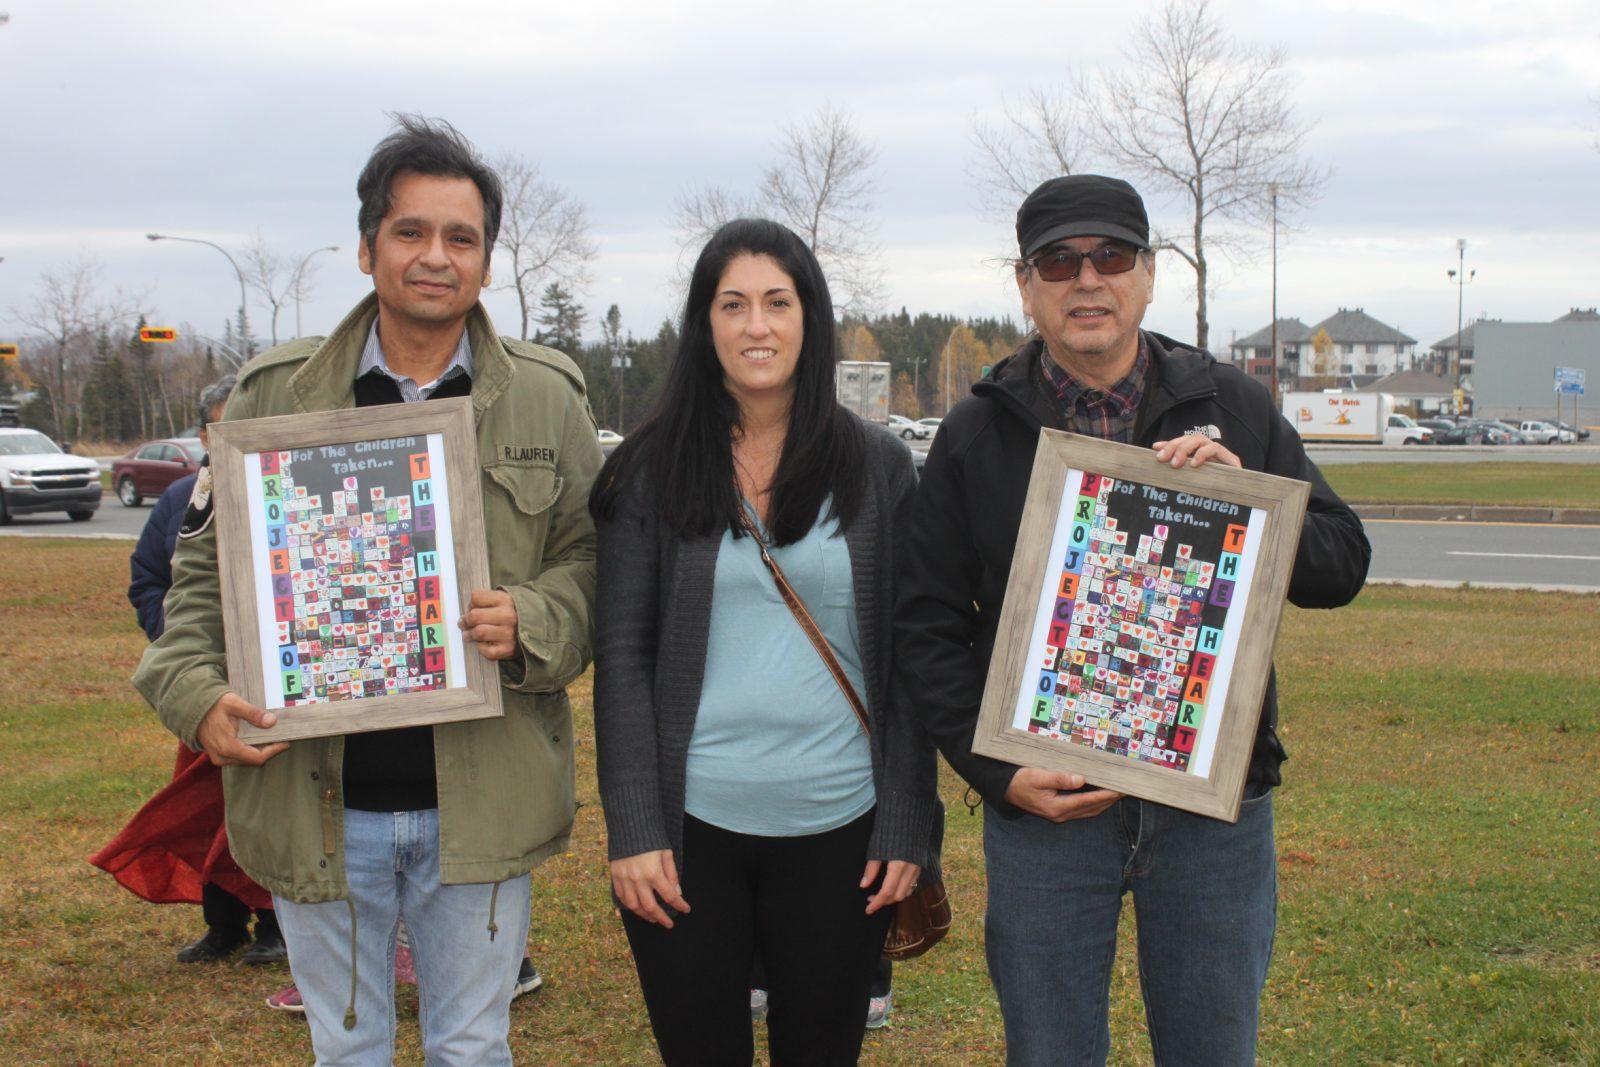 L'école Flemming veut encourager la réconciliation